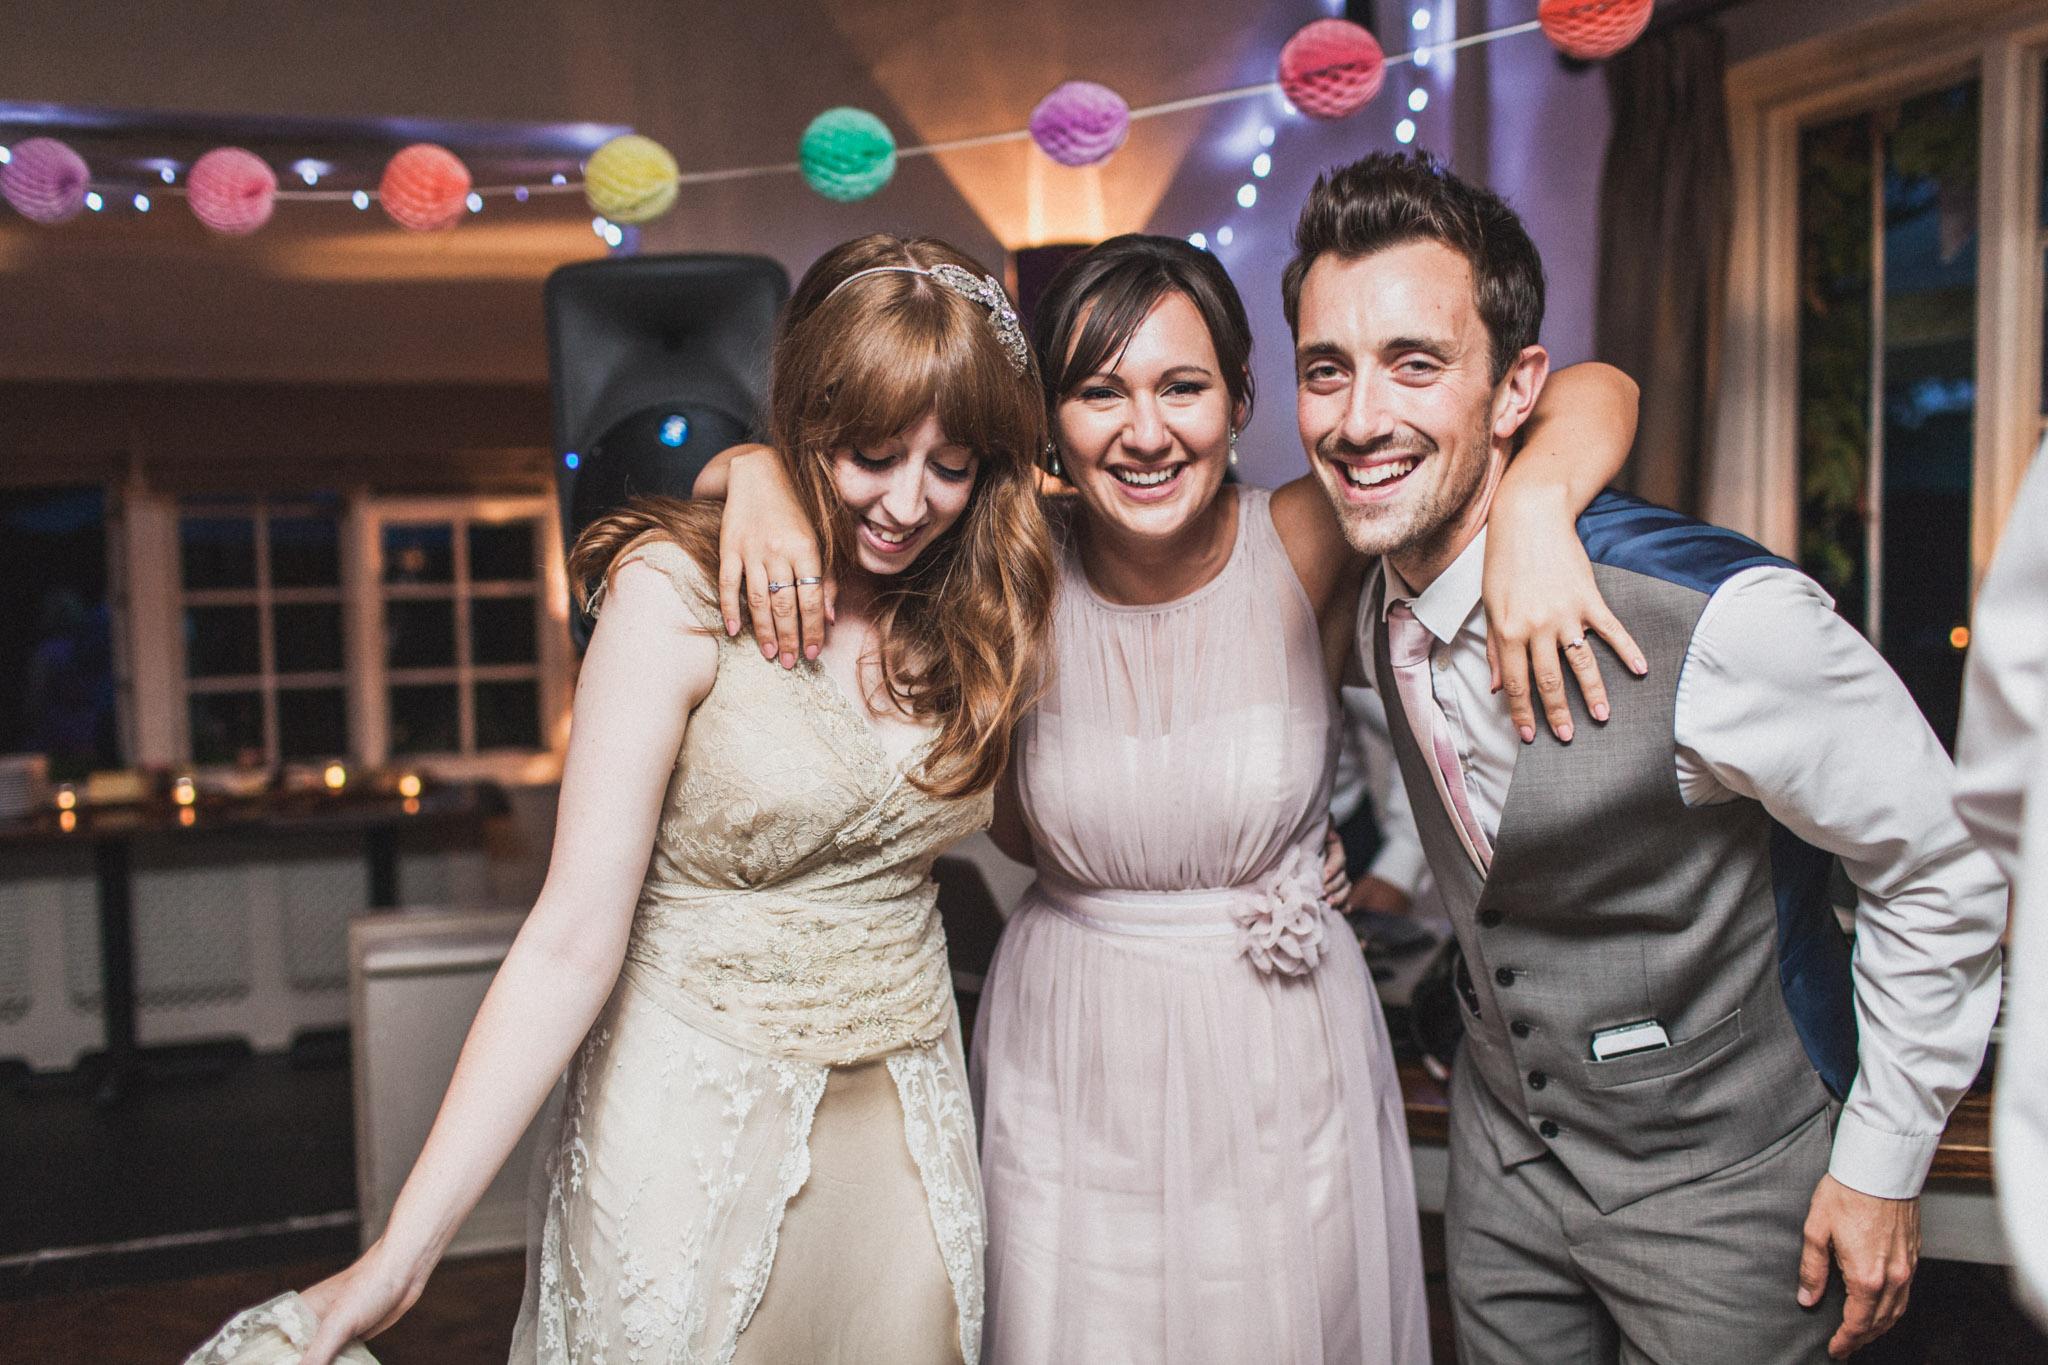 lewes_wedding_photographer_0092.jpg